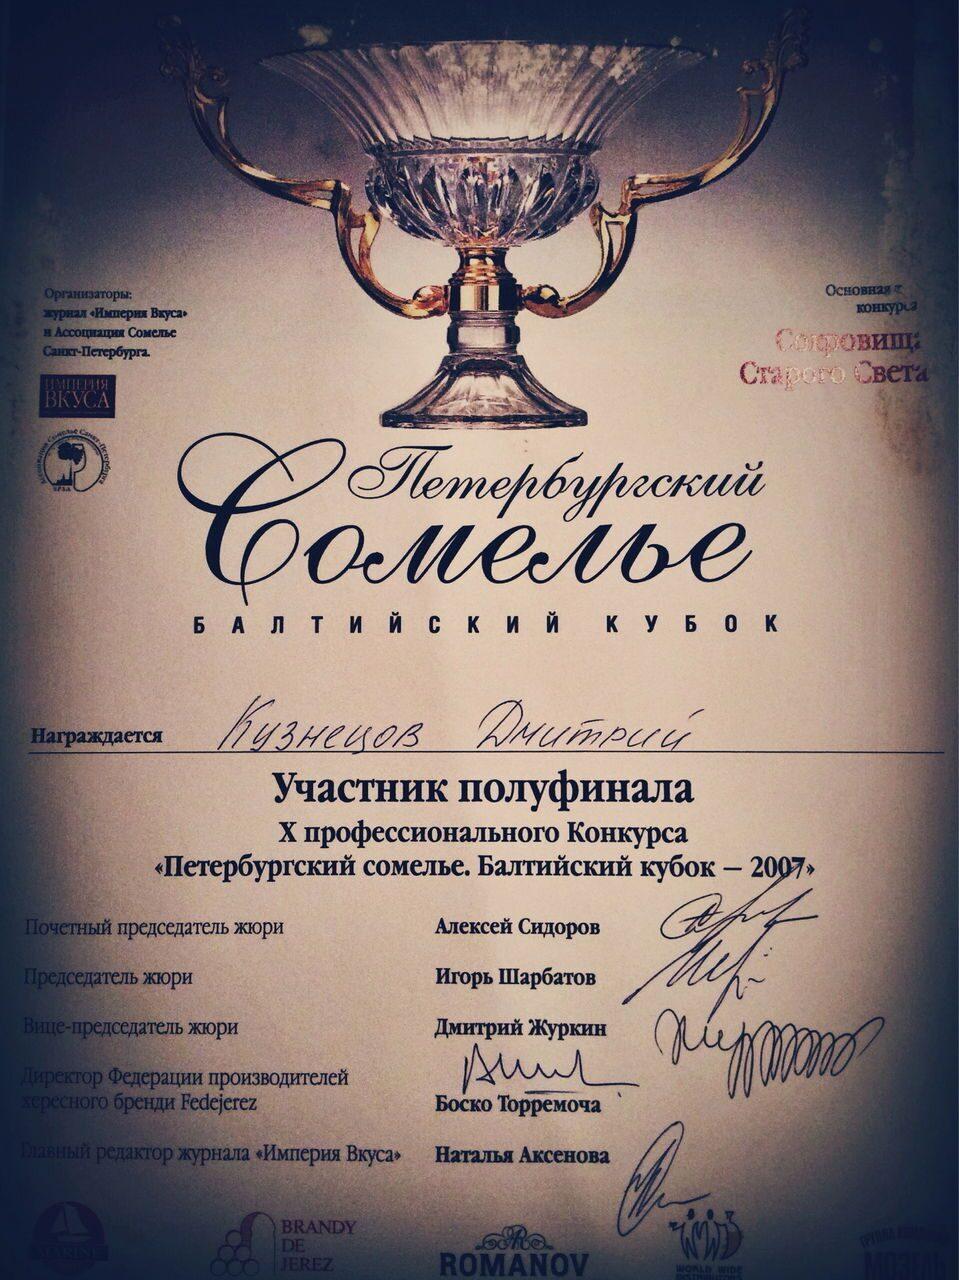 Купить диплом вуза украинская